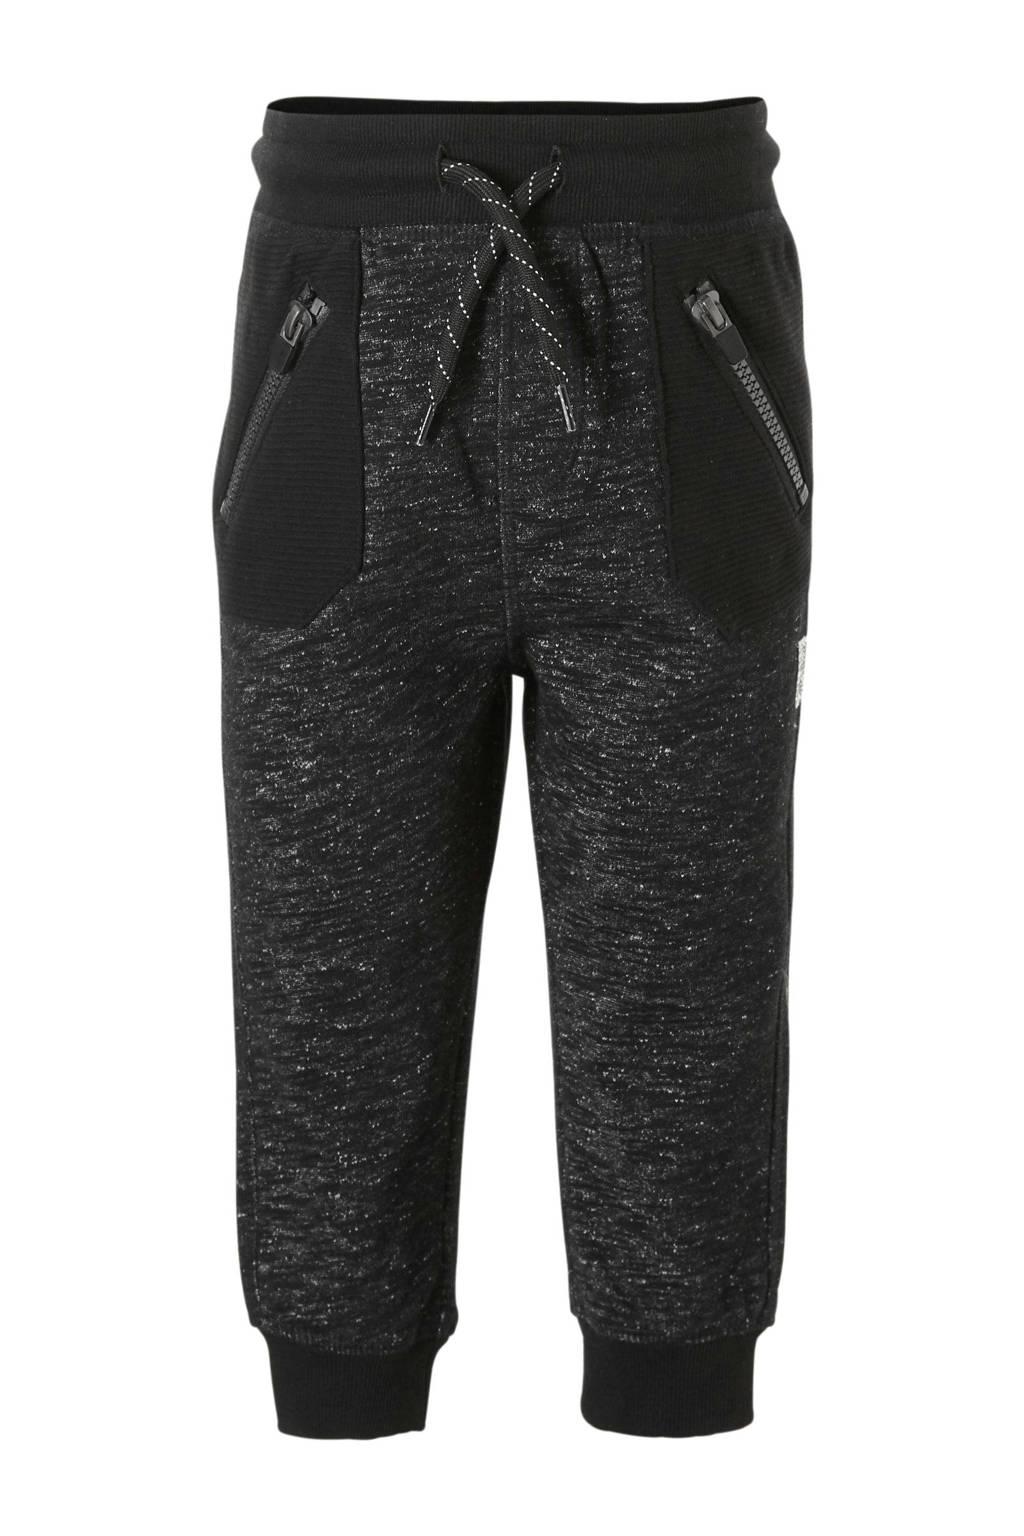 C&A Palomino   gemêleerde joggingbroek zwart, Zwart